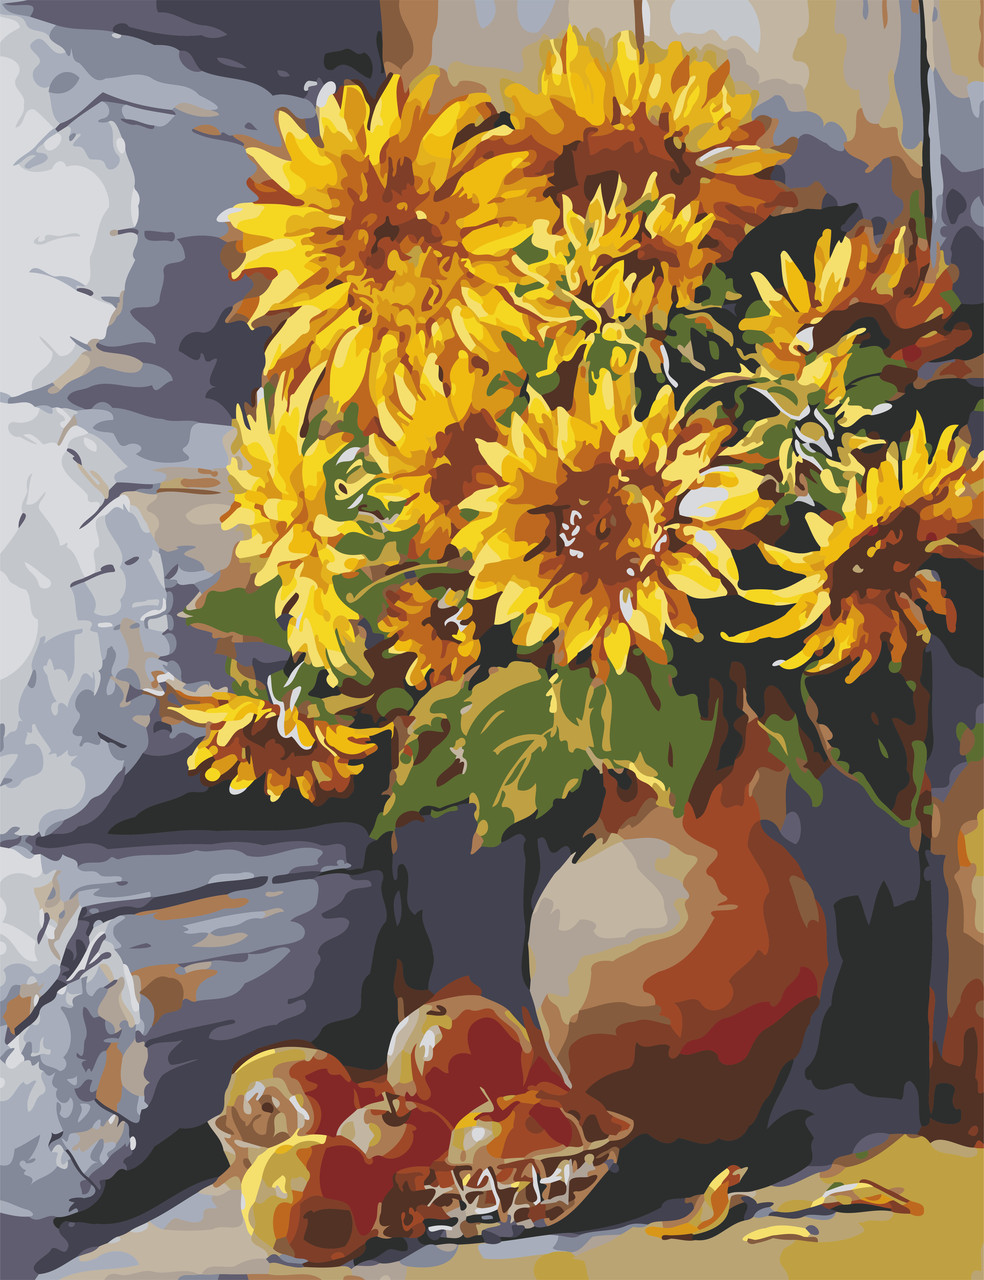 Художественный творческий набор, картина по номерам Яркие подсолнухи, 50x65 см, «Art Story» (AS0653)